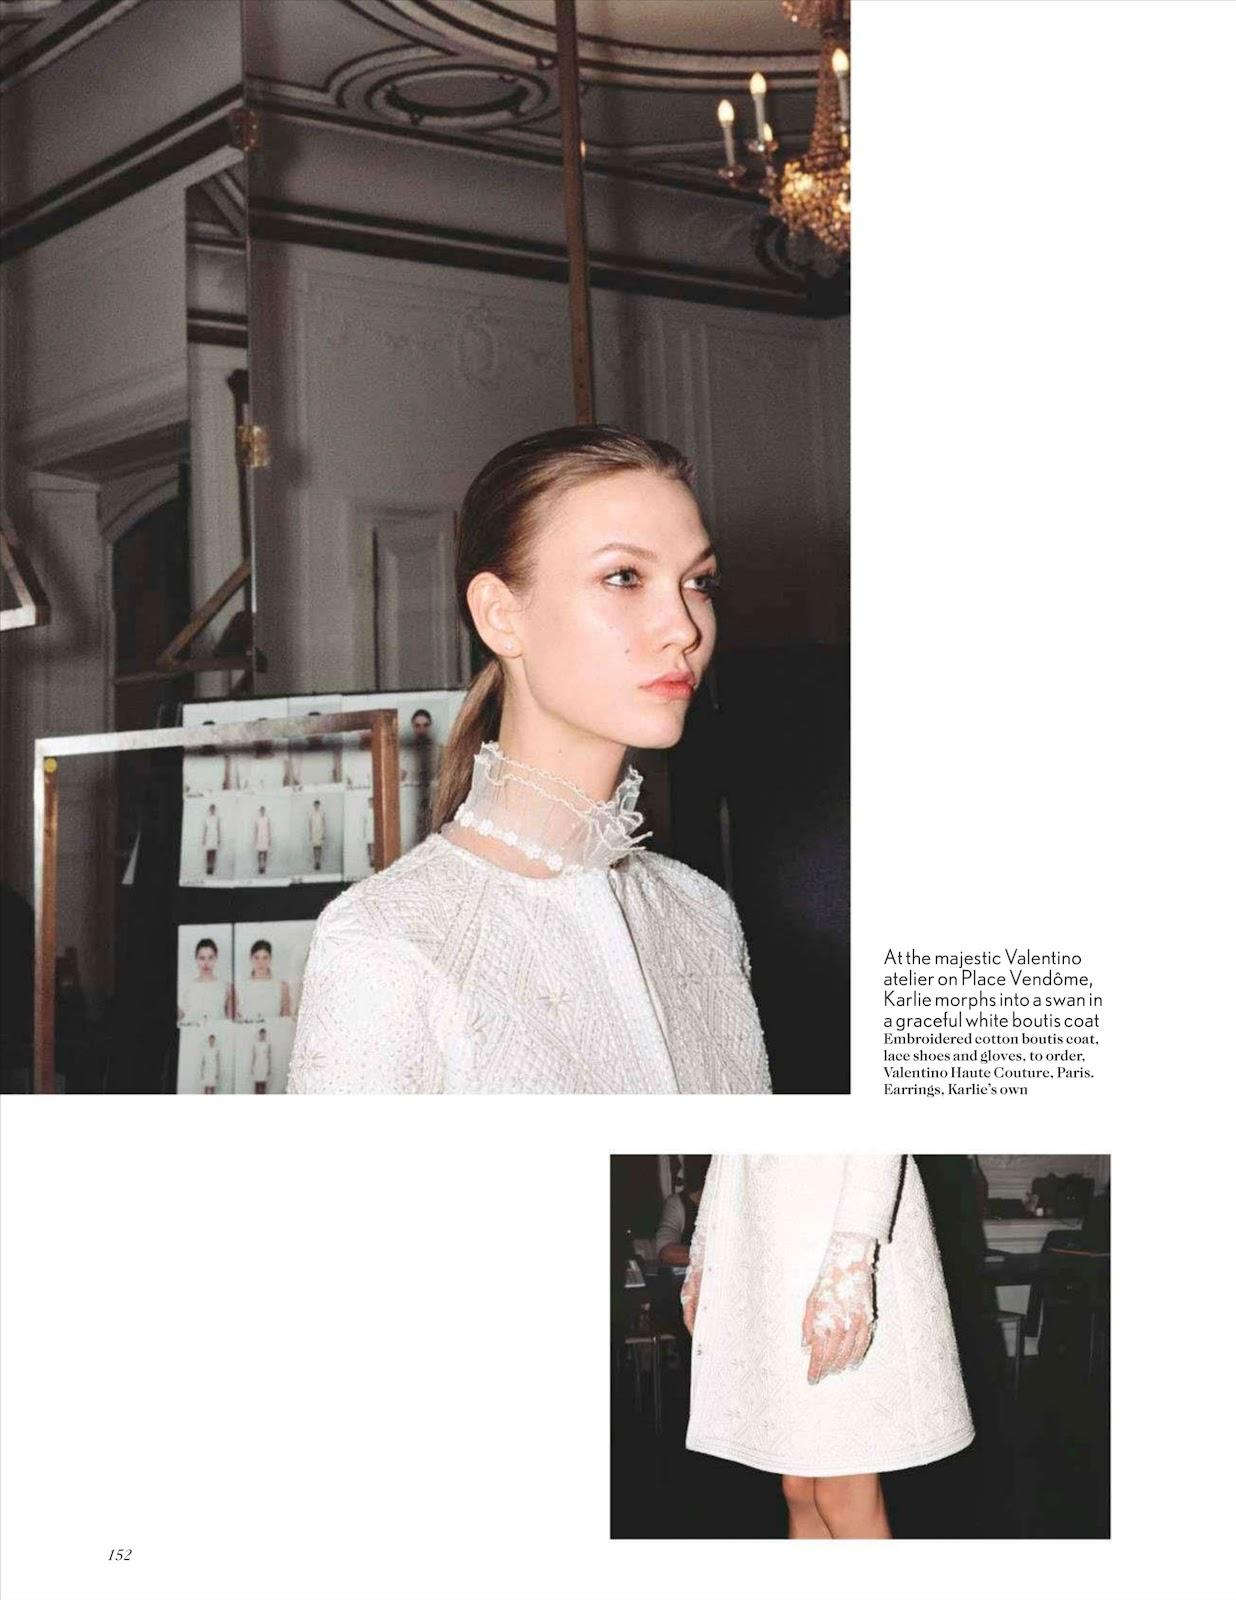 http://1.bp.blogspot.com/-8C-Tg3jyPMU/T6t4m6oZFWI/AAAAAAAAQzc/z_mxw9A4vrM/s1600/UK+Vogue+May+2012+%2522An+American+in+Paris%2522+Karlie+Kloss+by+Angelo+Pennetta+from+tfs+-+1.jpg